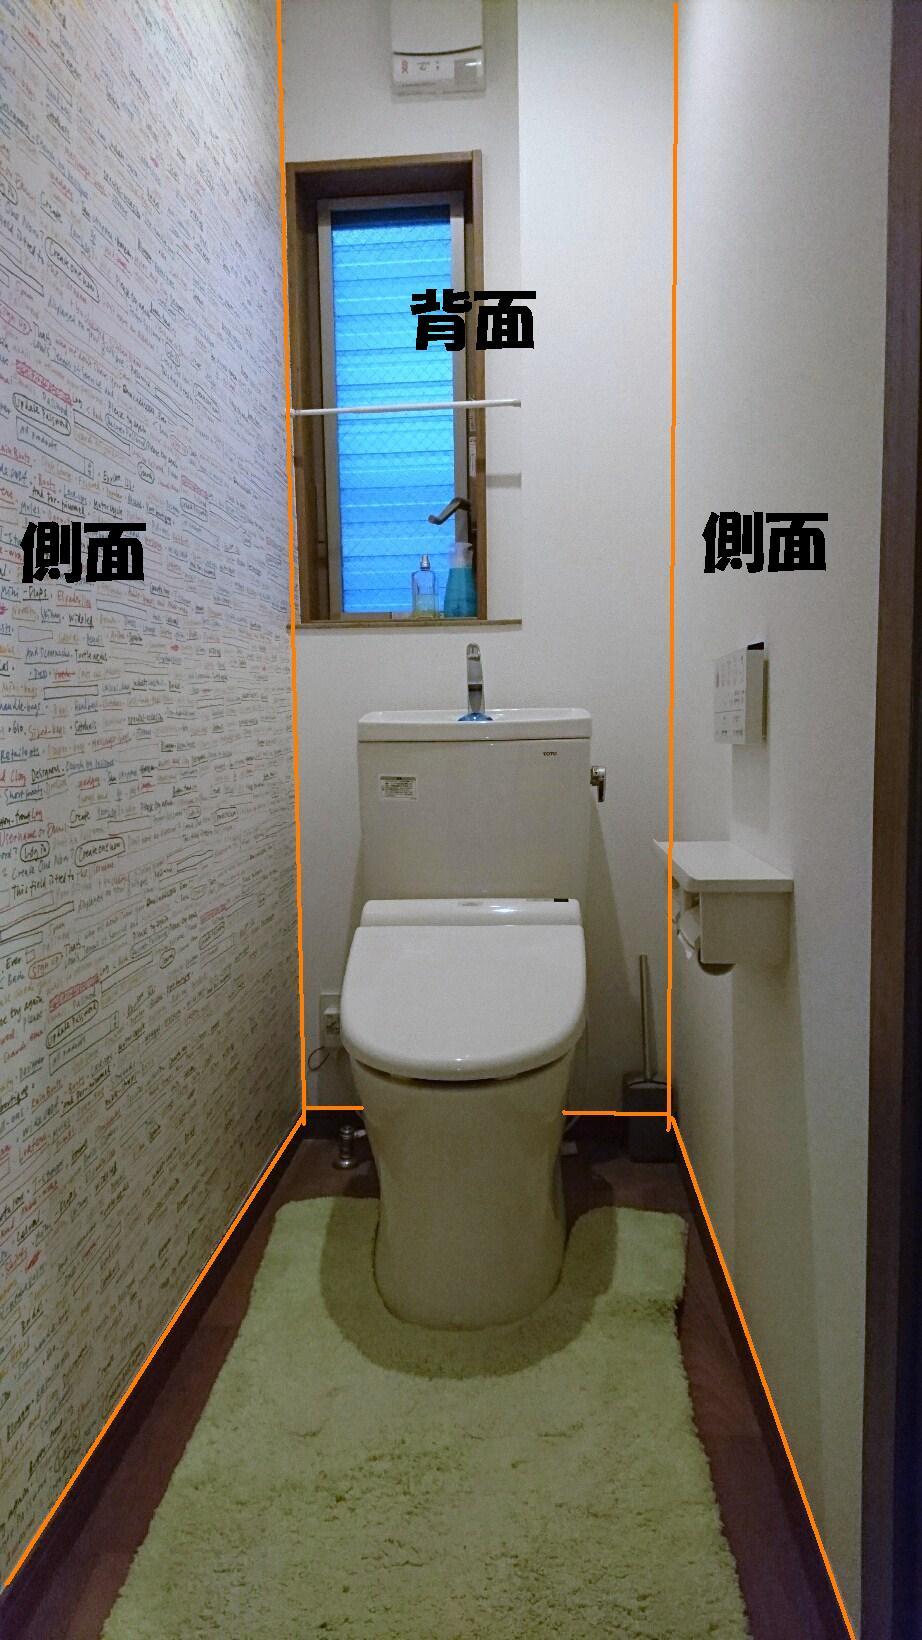 トイレの壁紙 おしゃれに貼替え 西東京市の内装リフォームならお任せください 市川内装有限会社